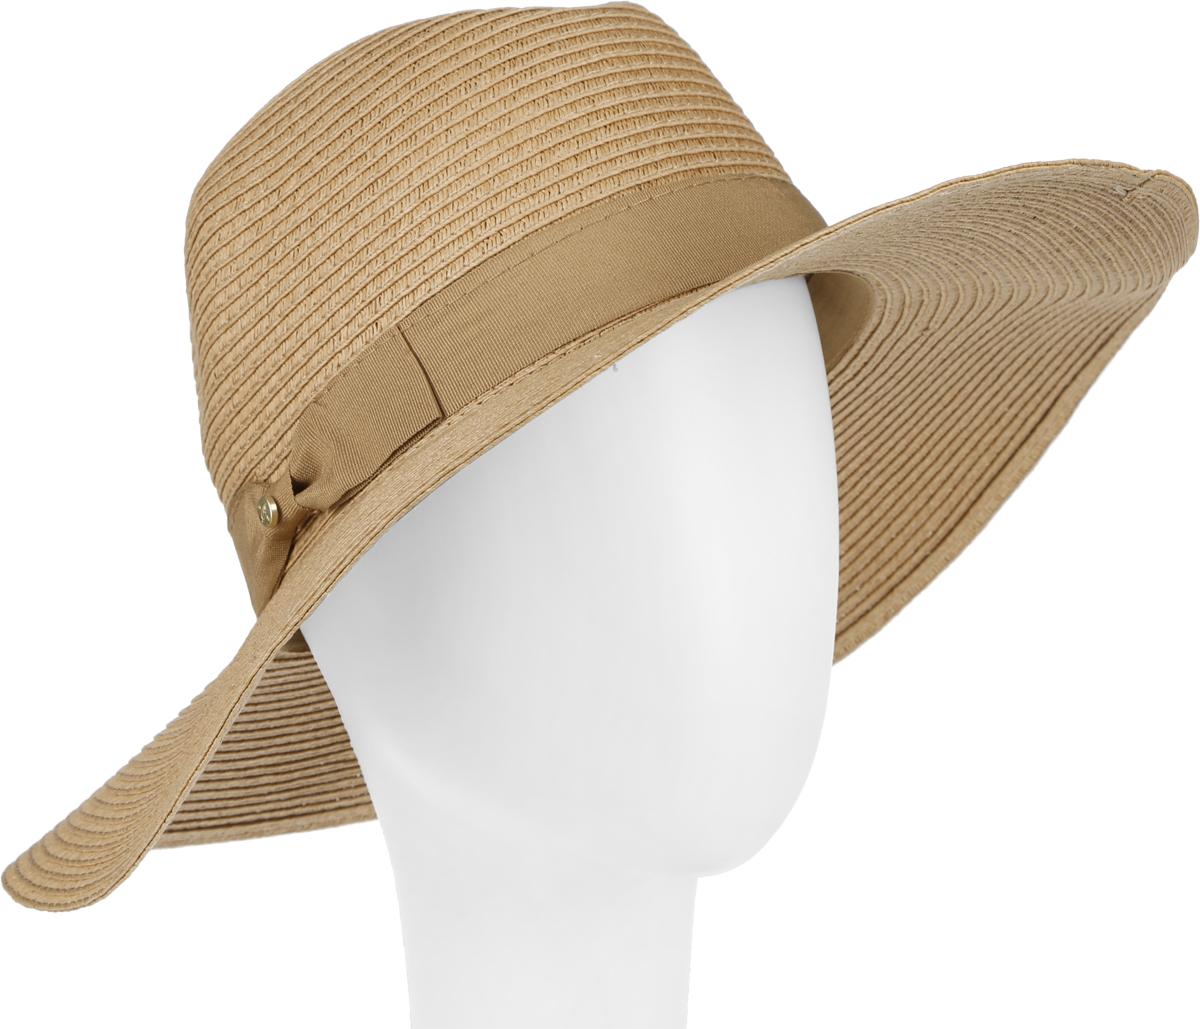 Шляпа женская Canoe Elise, цвет: темно-бежевый. 1964359. Размер 56/571964359Очаровательная женская шляпа Canoe Elise, выполненная из искусственной соломы, станет незаменимым аксессуаром для пляжа и отдыха на природе. Широкие поля шляпы обеспечат надежную защиту от солнечных лучей.Шляпа оформлена декоративной лентой с бантиком. Плетение шляпы обеспечивает необходимую вентиляцию и комфорт даже в самый знойный день. Шляпа легко восстанавливает свою форму после сжатия.Стильная шляпа с элегантными волнистыми полями подчеркнет вашу неповторимость и дополнит ваш повседневный образ.